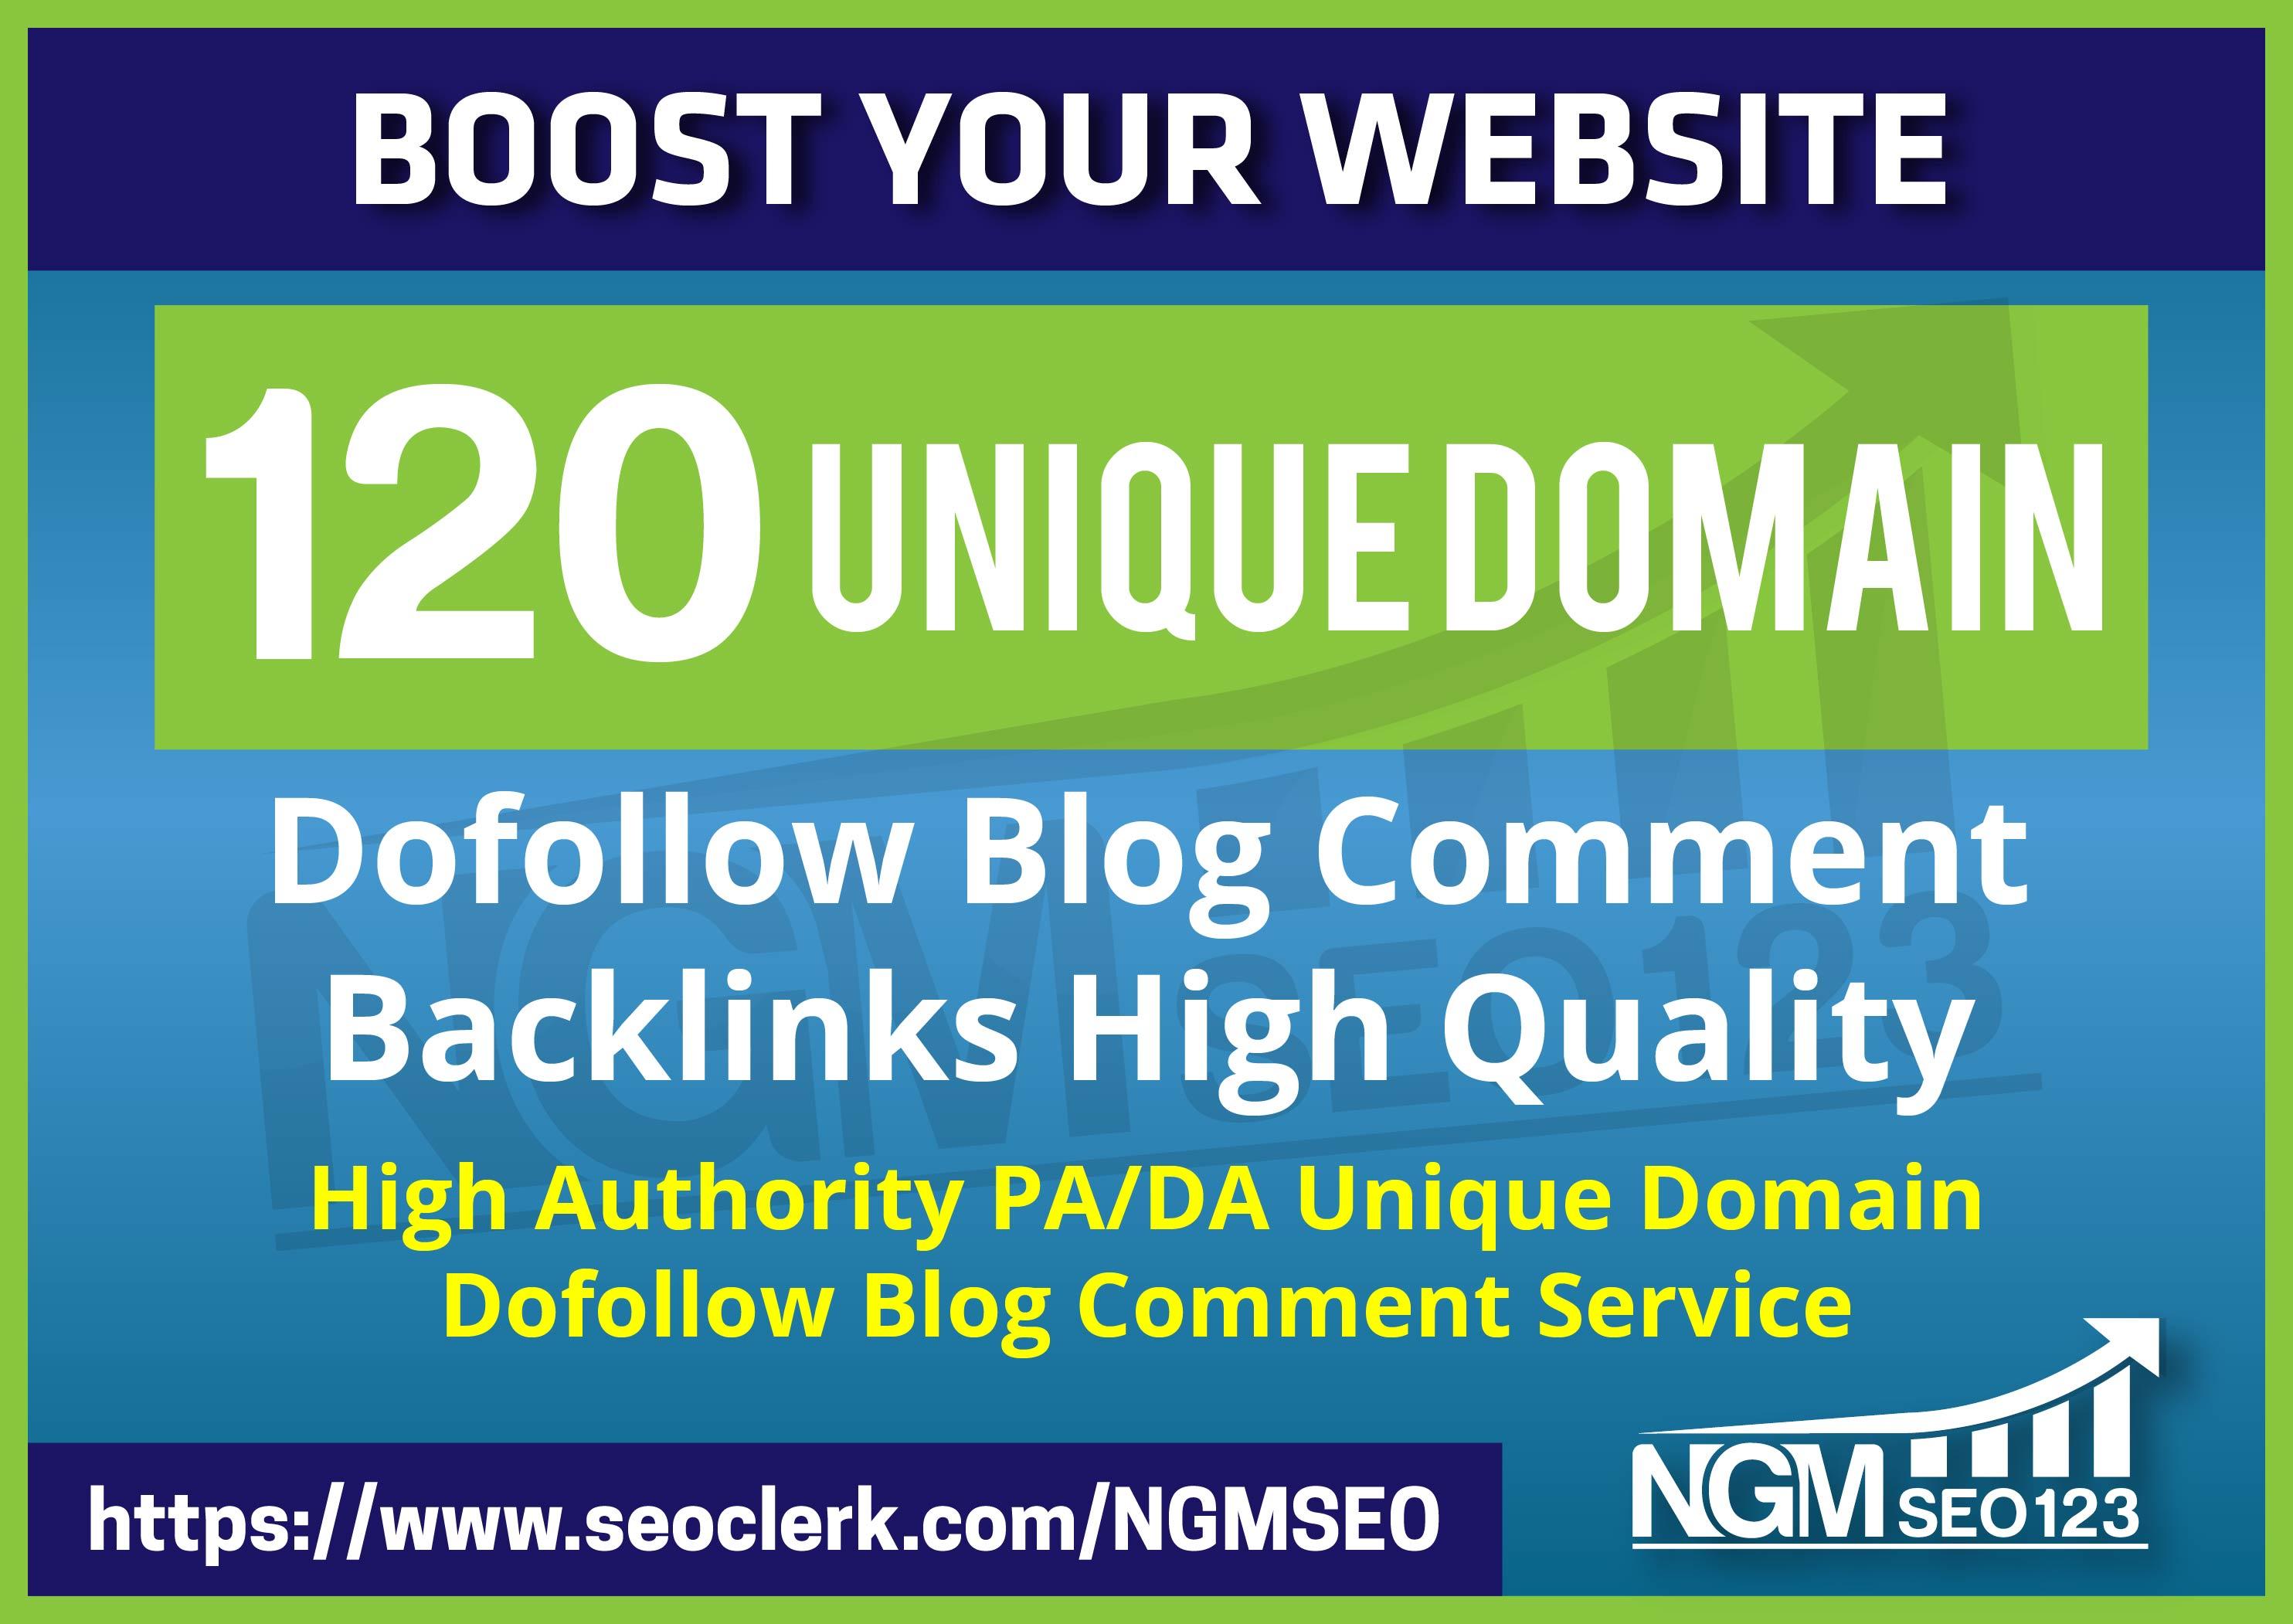 Provide 120 Unique Domain SEO Backlinks on tf100 da100 sites